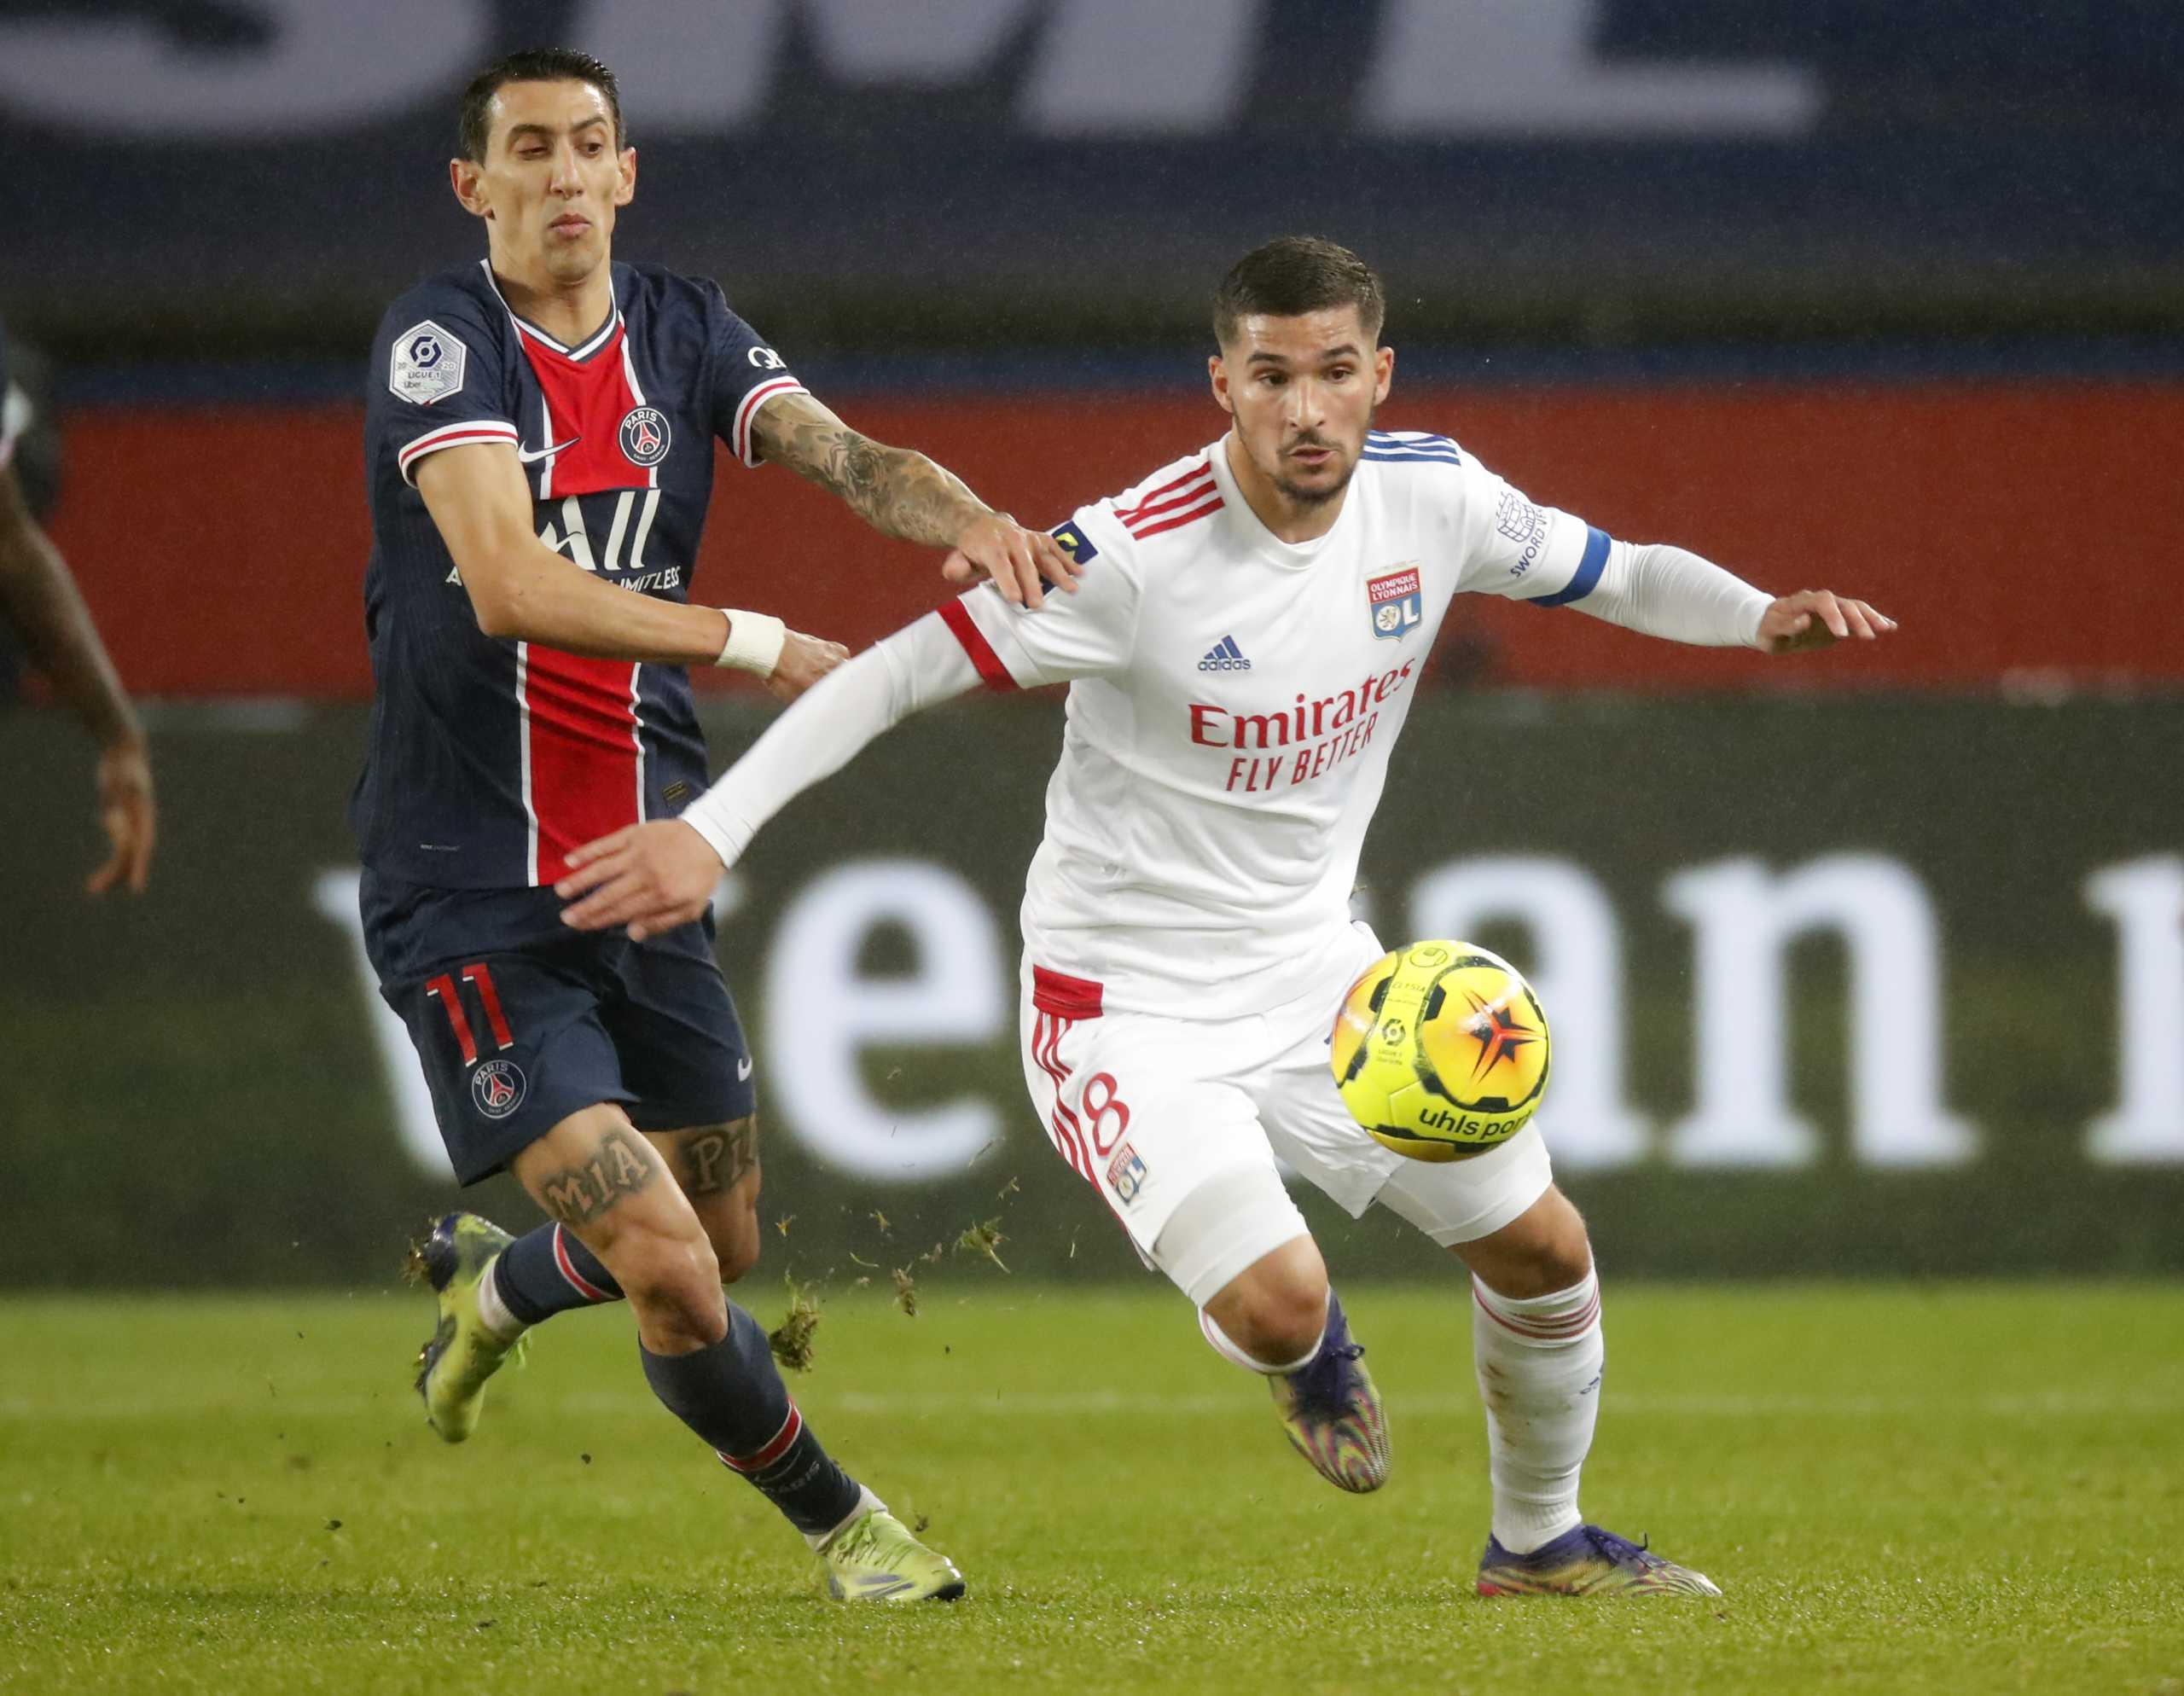 Η Λιόν «πάγωσε» την Παρί Σεν Ζερμέν κι έβαλε «φωτιά» στη Ligue 1 (video)